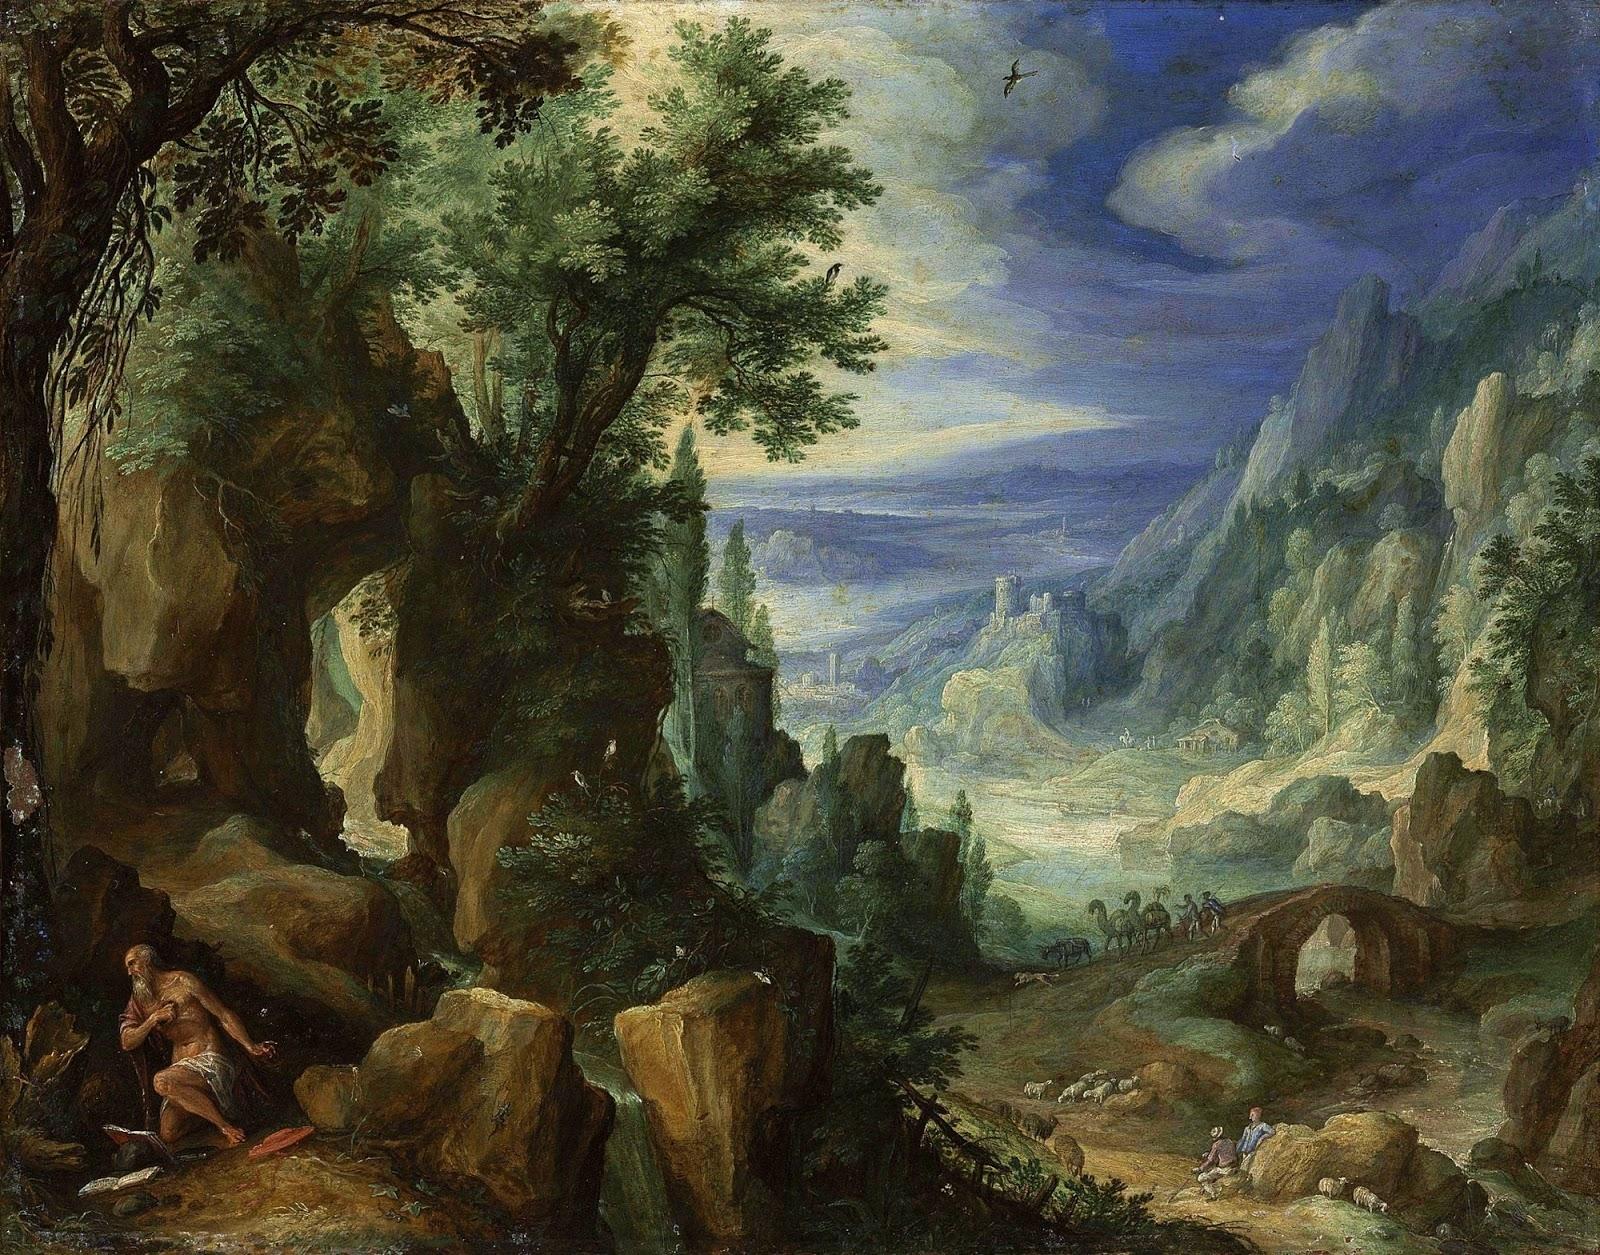 1592_Святой Иероним, молящийся в скалистом пейзаже_.jpg